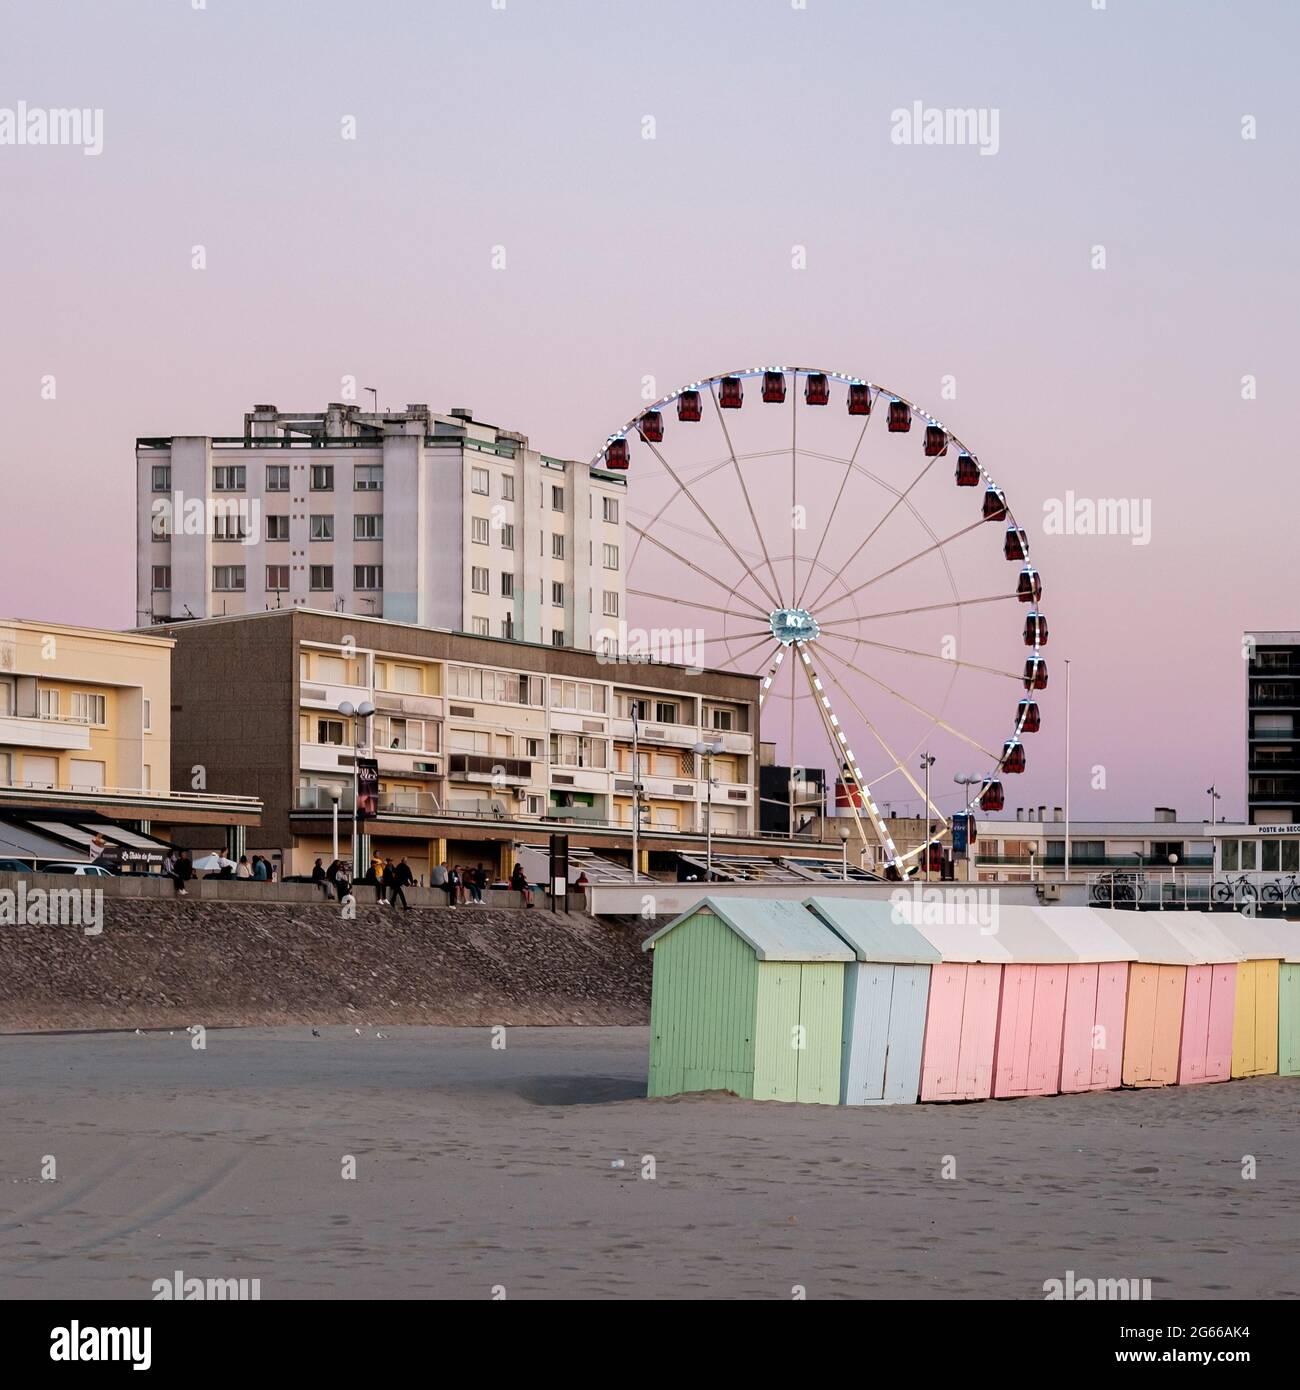 Cabañas de playa de color pastel y rueda gigante en la playa De Berck en Francia Foto de stock